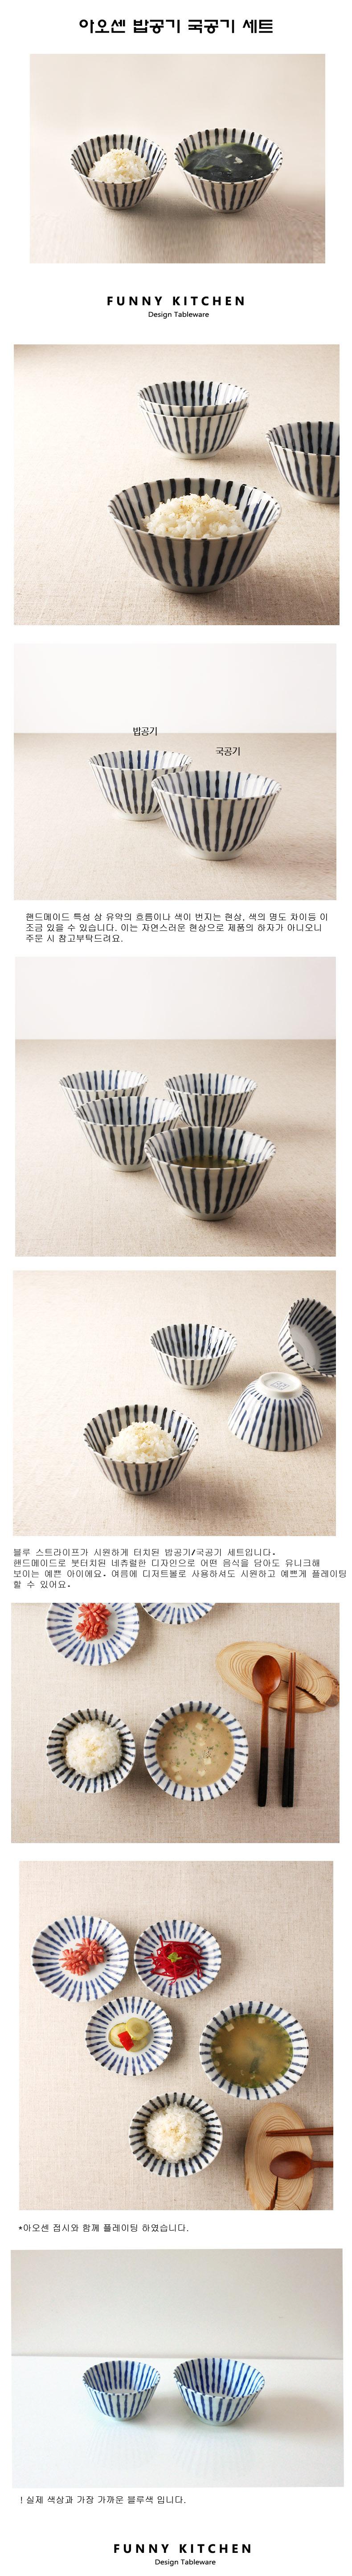 아오센 블루라인 공기대접세트 일본그릇 - 퍼니키친, 12,000원, 밥공기/국공기, 밥공기